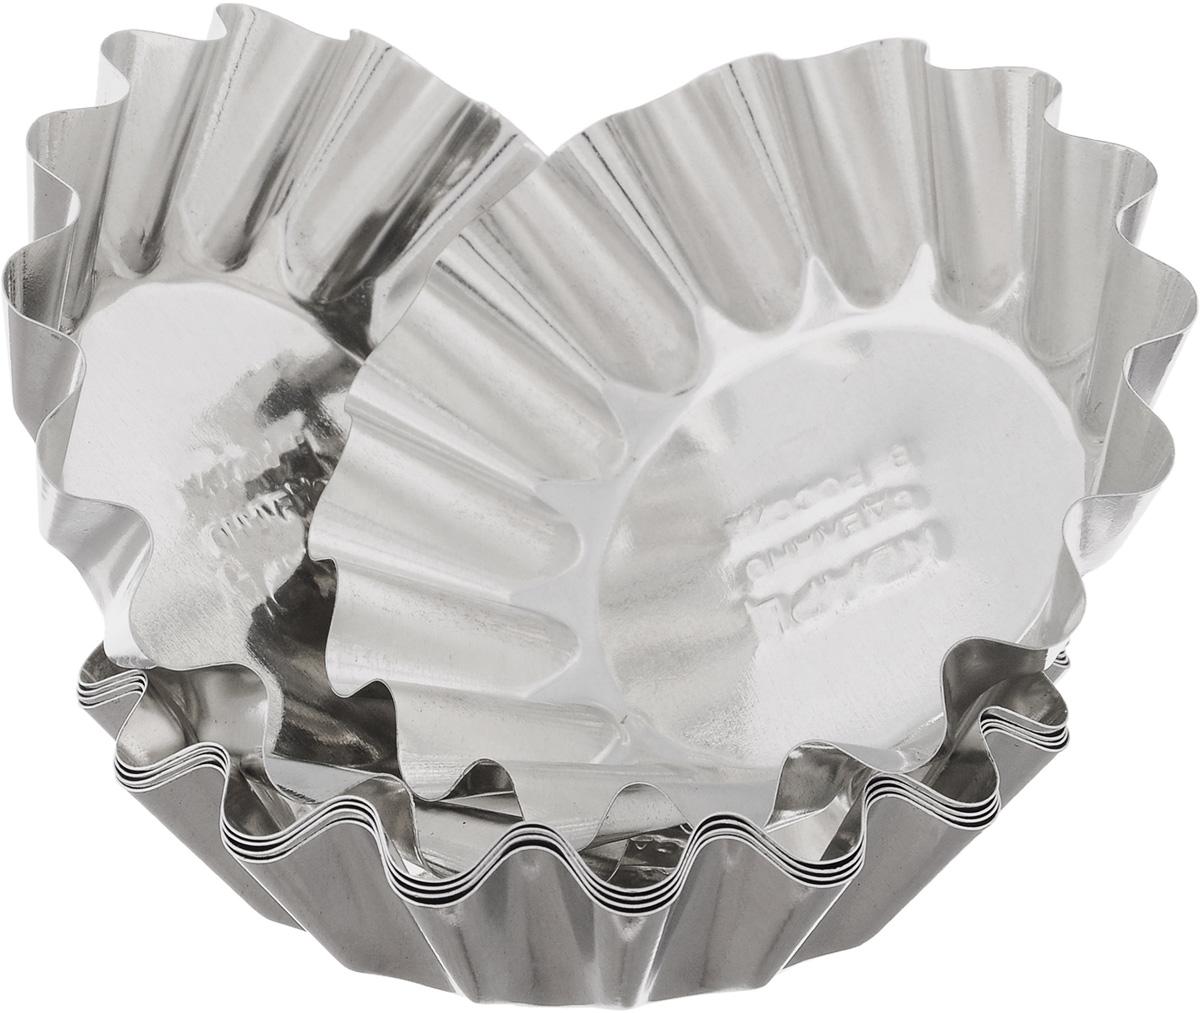 """Набор """"Кварц"""" состоит из шести форм, выполненных из белой жести. Формы предназначены для выпечки и приготовления желе. Стенки изделий рельефные.С набором форм """"Кварц"""" вы всегда сможете порадовать своих близких оригинальной выпечкой.Диаметр форм (по верхнему краю): 8,3 см.Высота форм: 2,1 см."""